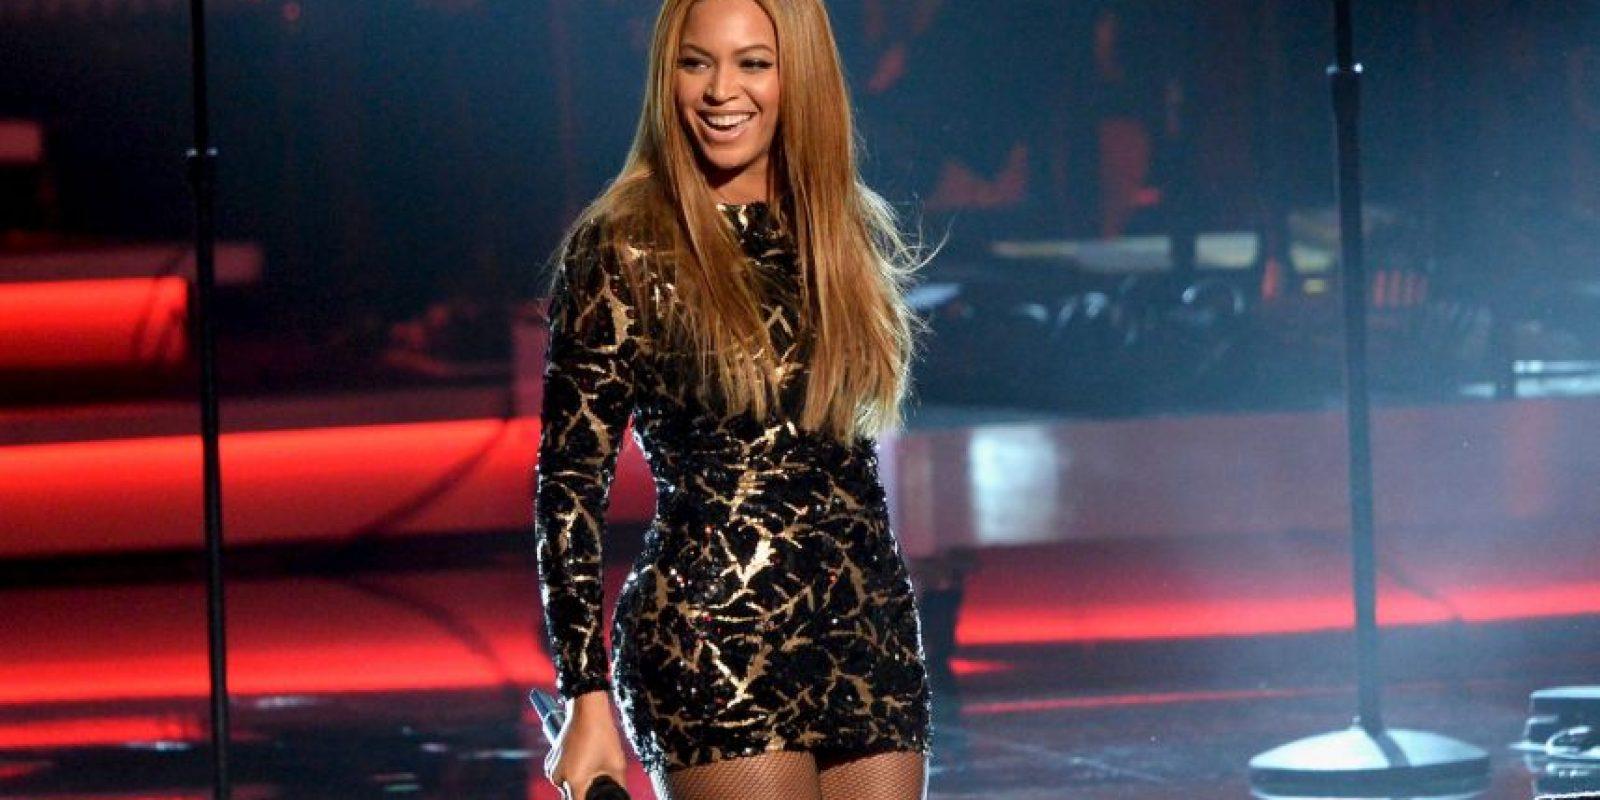 Lo que más llamó la atención fue que algunas de las letras resultaron reveladoras, incluso en una evidenció una supuesta infidelidad por parte de su esposo Jay Z. Foto:Getty Images